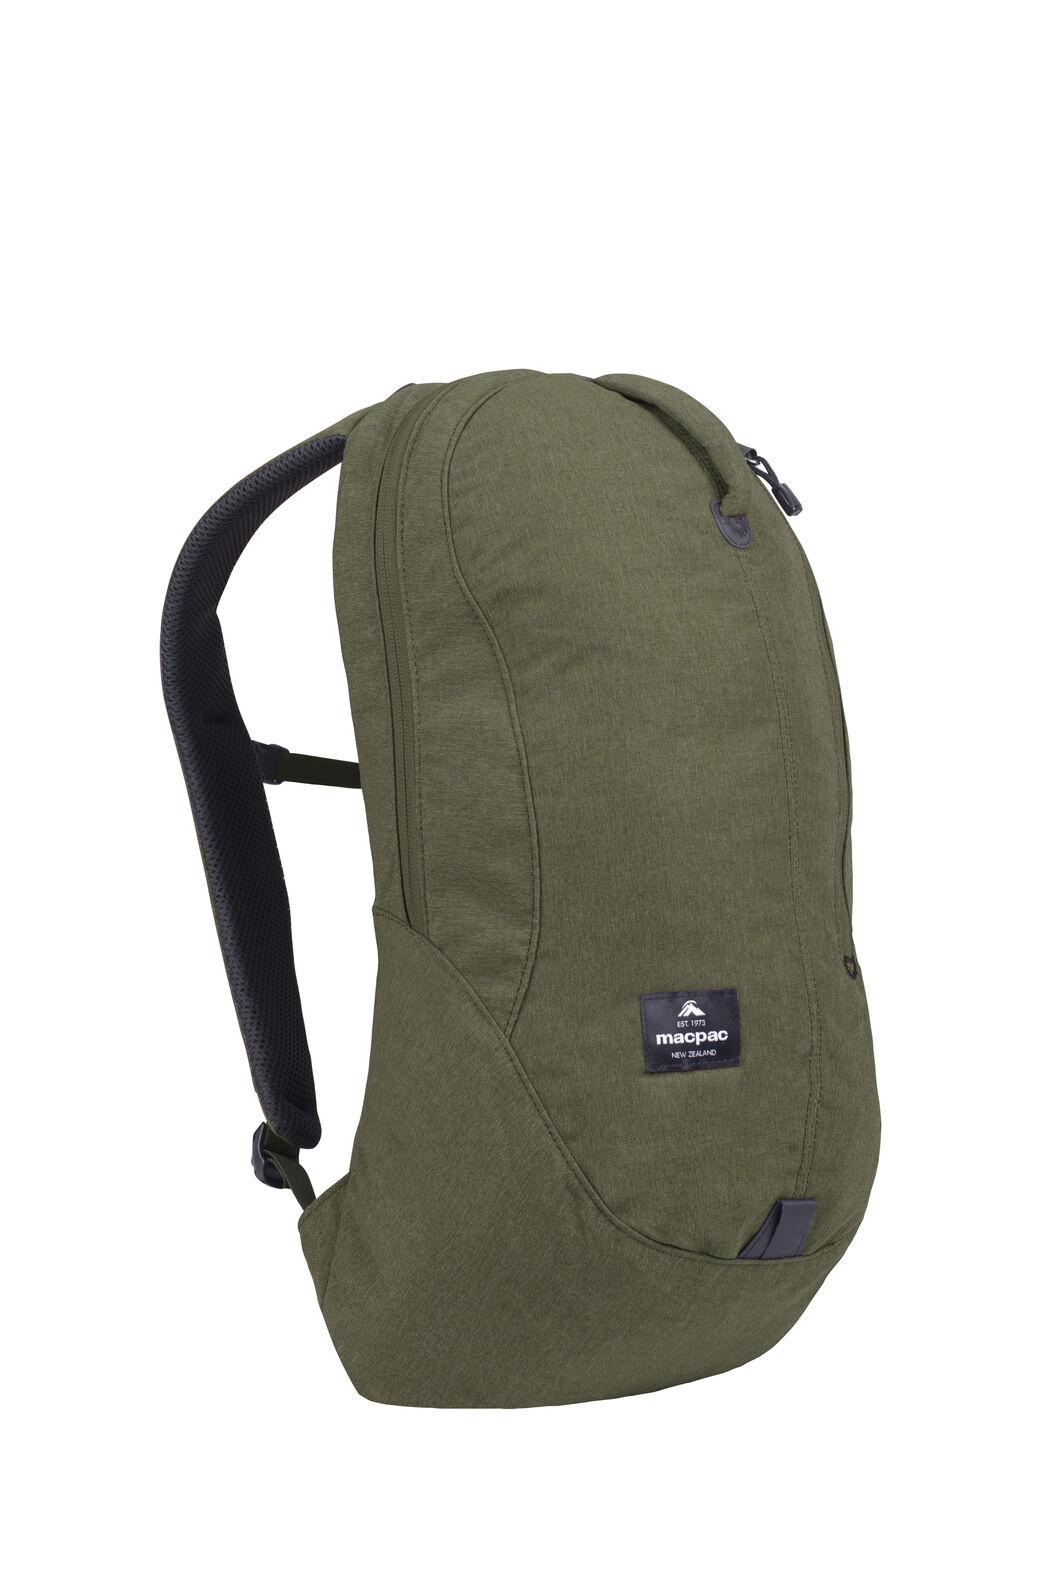 Macpac Kahuna 18L Urban Backpack, Grape Leaf, hi-res